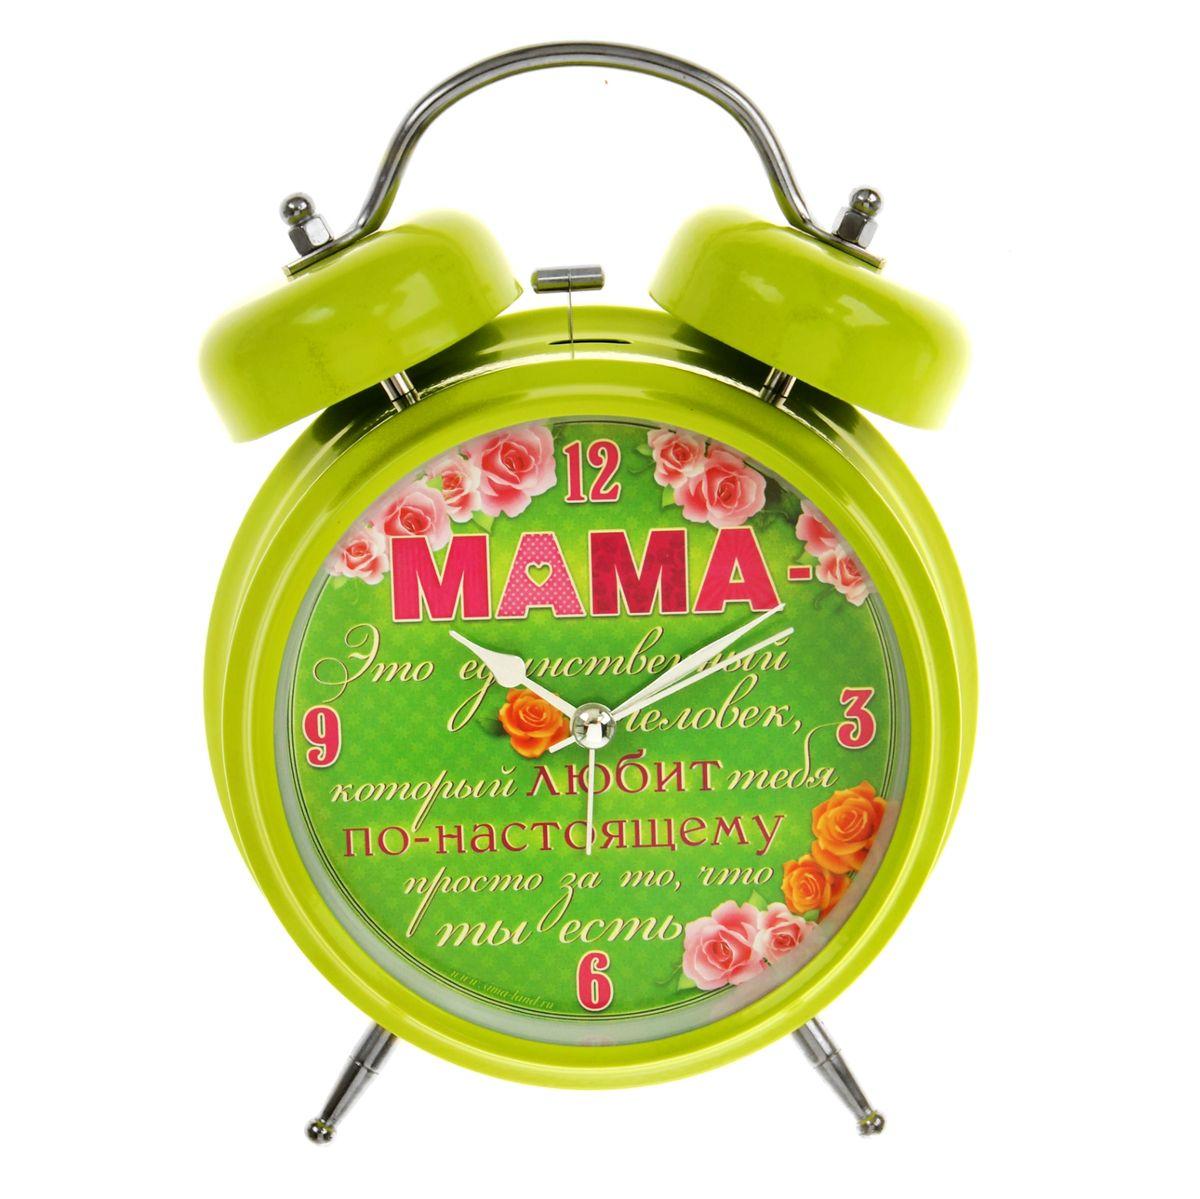 Часы-будильник Sima-land Мама - незаменимый человекMRC 4141 P schwarzКак же сложно иногда вставать вовремя! Всегда так хочется поспать еще хотя бы 5 минут и бывает, что мы просыпаем. Теперь этого не случится! Яркий, оригинальный будильник Sima-land Мама - незаменимый человек поможет вам всегда вставать в нужное время и успевать везде и всюду. Такой будильник также станет прекрасным подарком. На задней панели будильника расположены переключатель включения/выключения механизма и два колесика для настройки текущего времени и времени звонка будильника. Также будильник оснащен кнопкой, при нажатии и удержании которой подсвечивается циферблат.Будильник работает от 1 батарейки типа AA напряжением 1,5V (не входит в комплект).